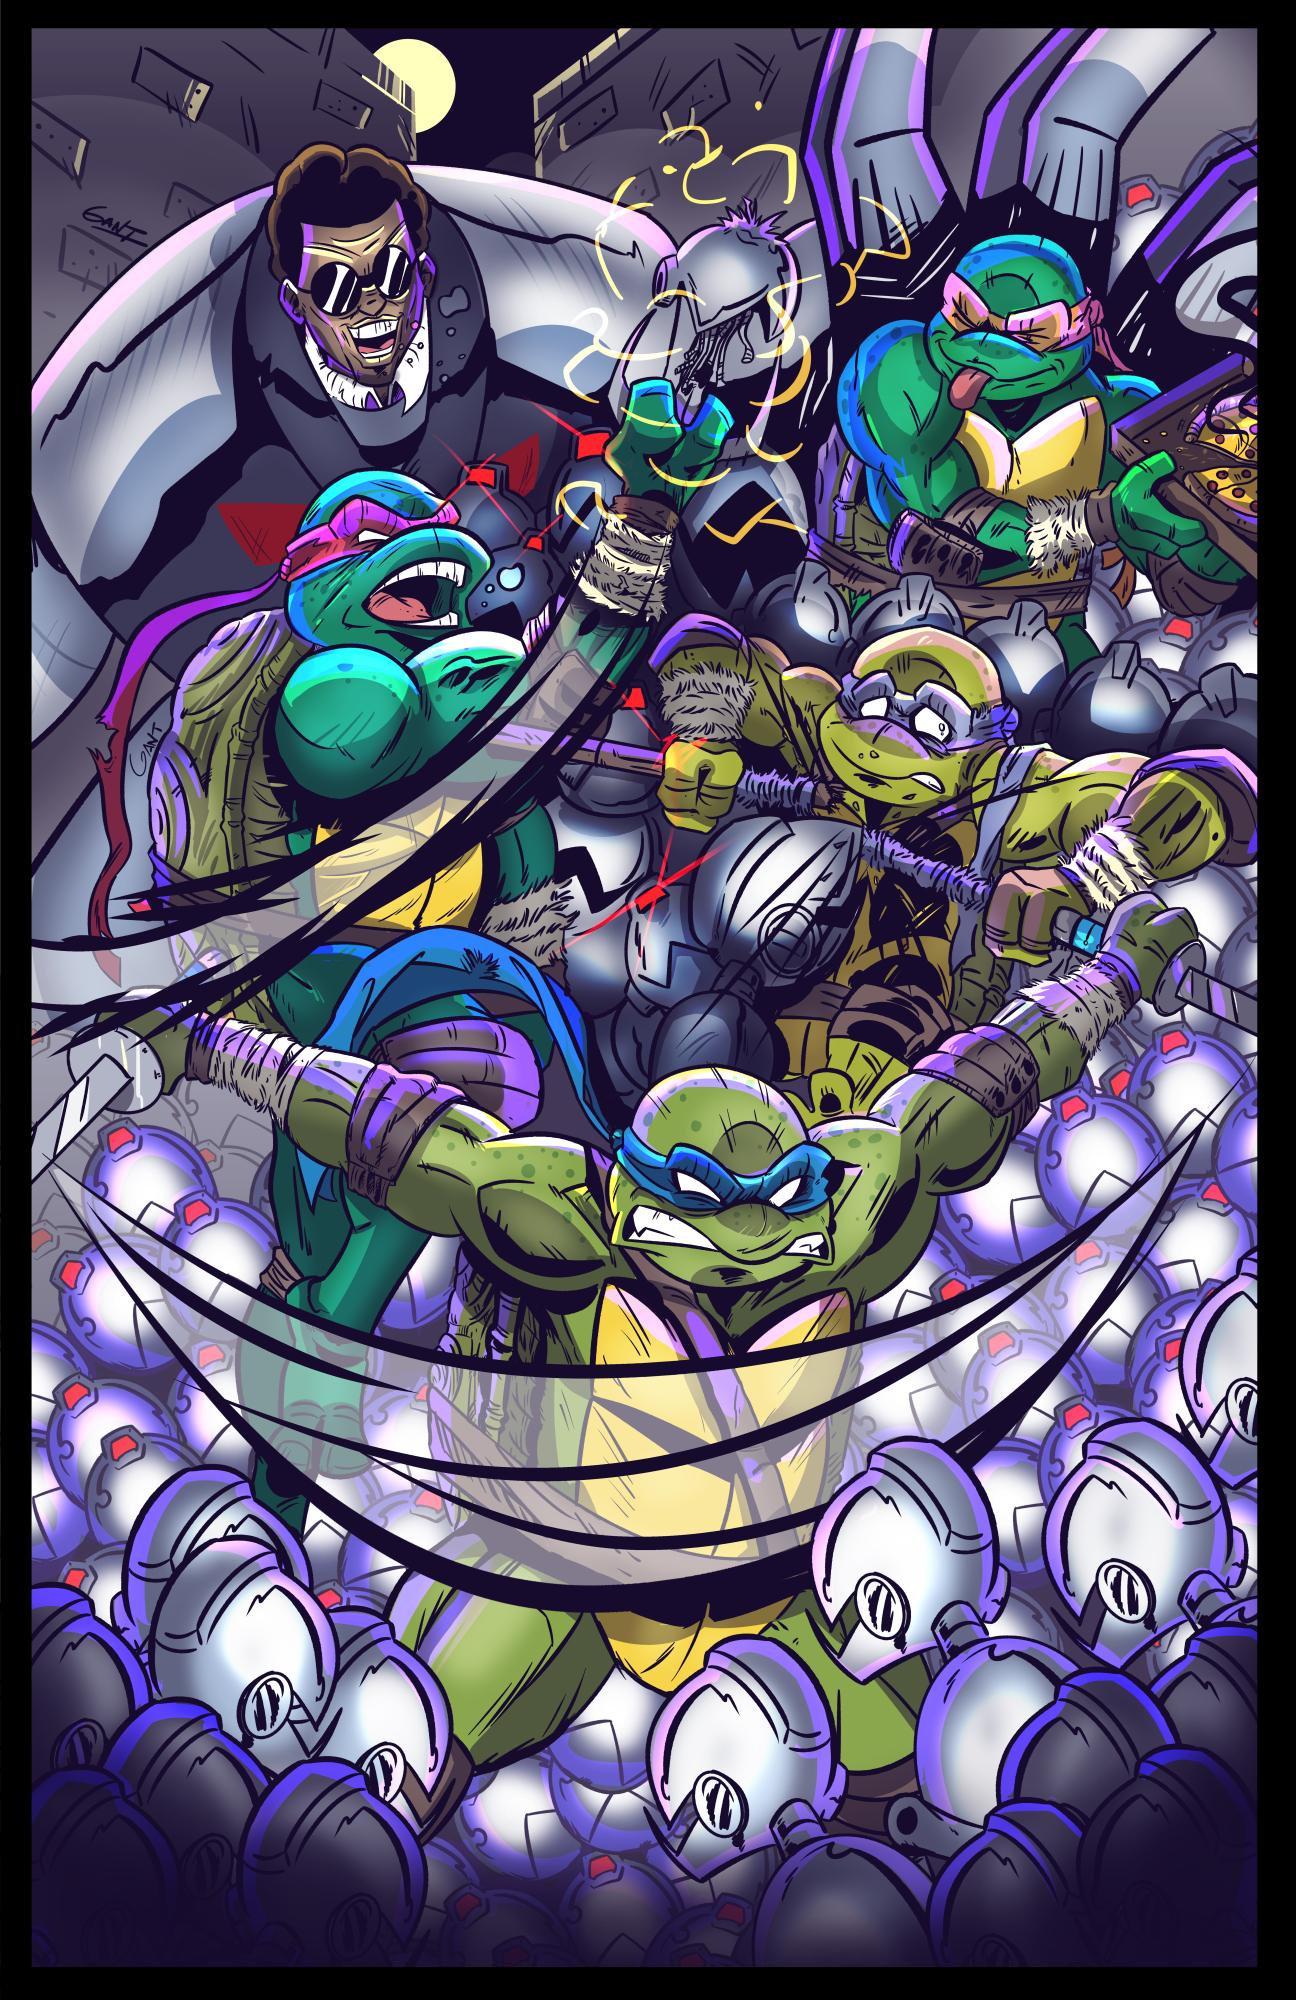 TMNT: Turtle Melee